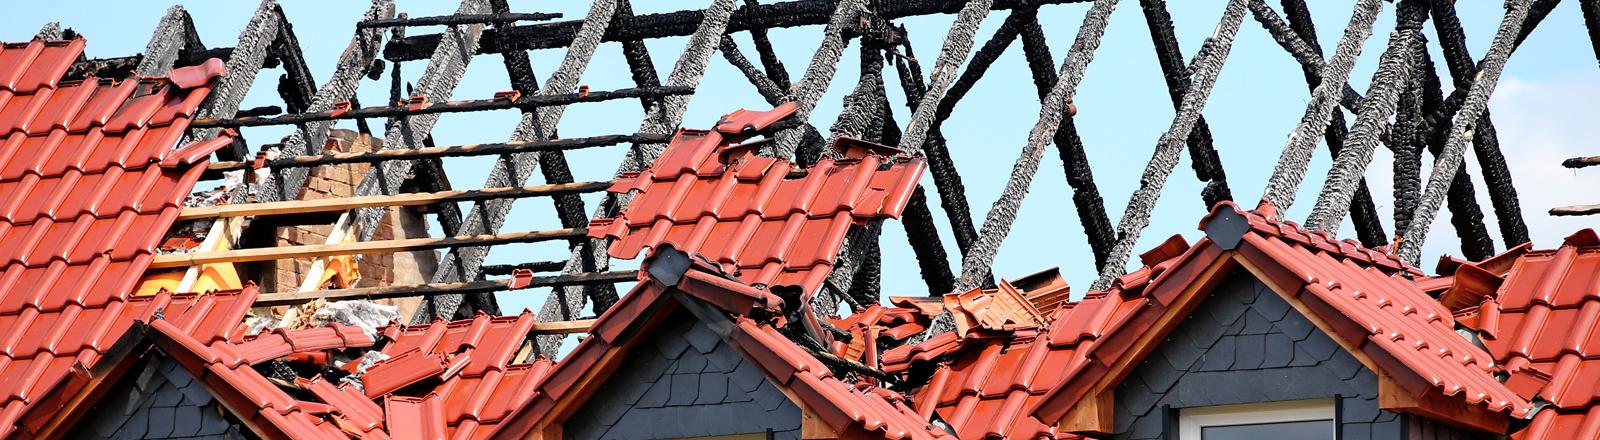 lick auf den durch ein Feuer beschädigten Dachstuhl der geplanten Asylunterkunft in Tröglitz (Sachsen-Anhalt), aufgenommen am 10.06.2015.